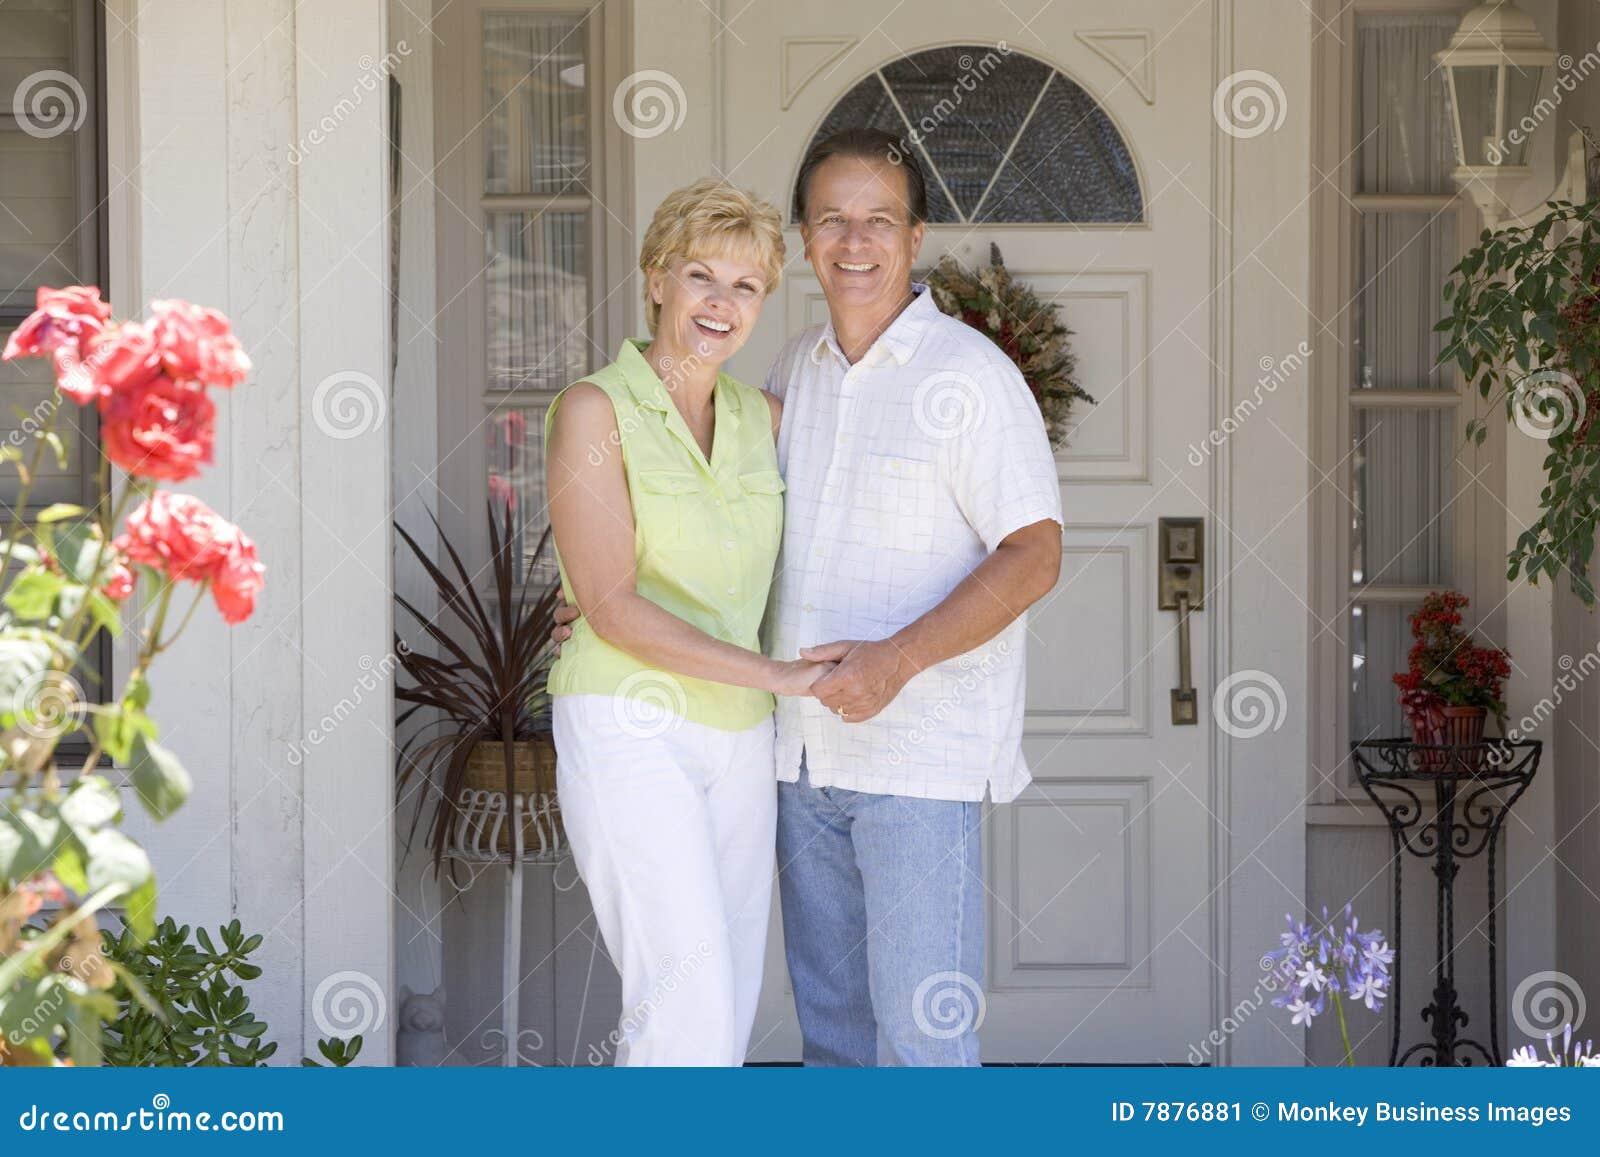 Фото семейная пара с другой парой 8 фотография